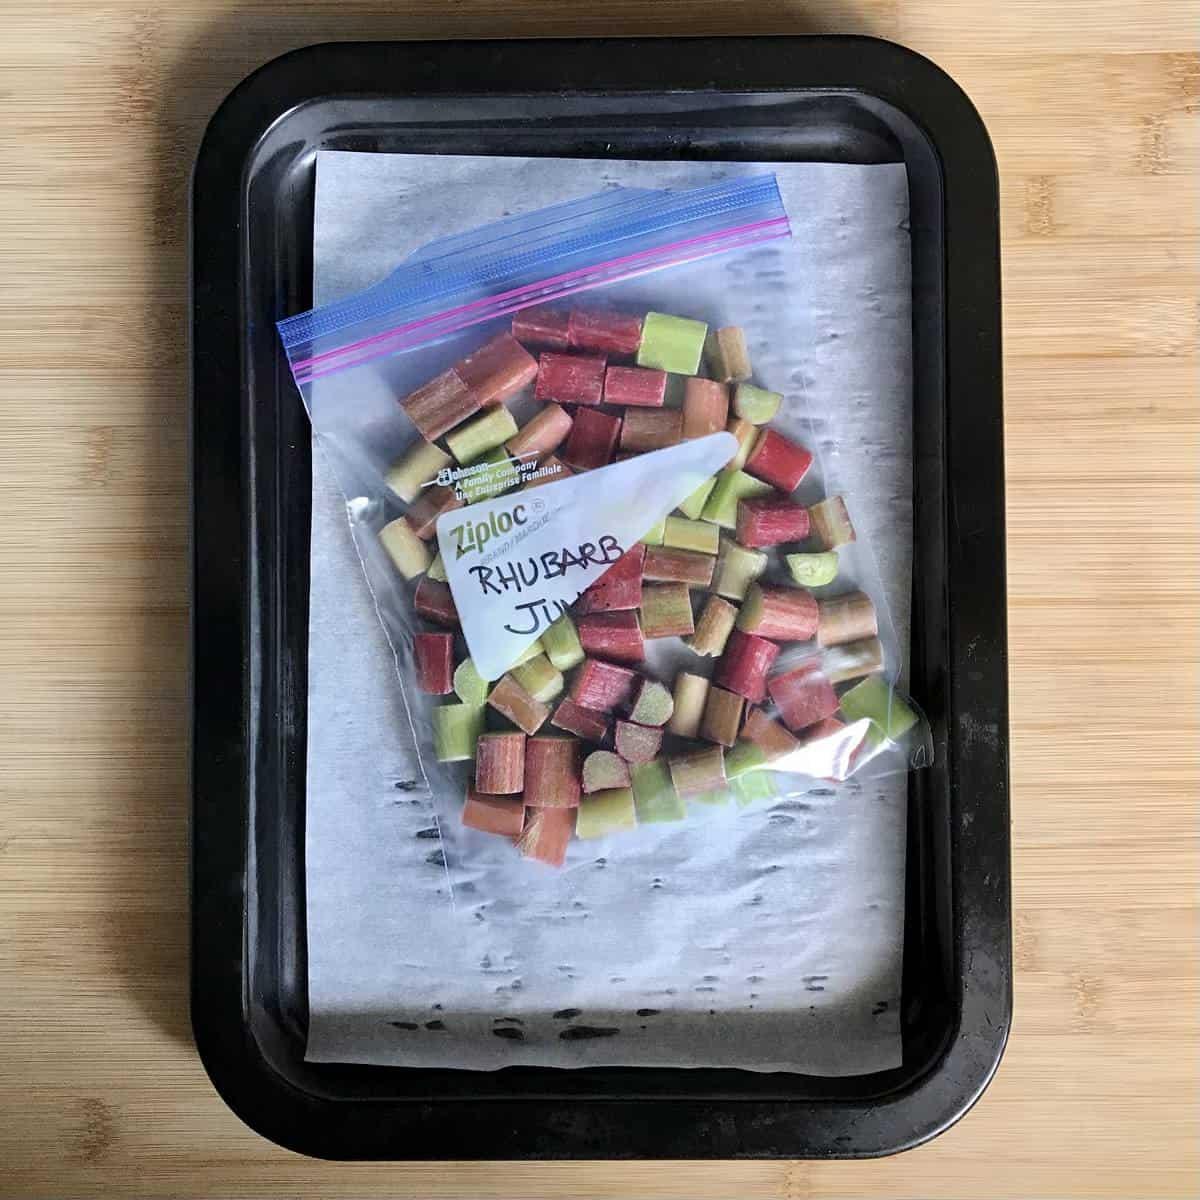 Frozen rhubarb in a Ziploc bag on a baking tray.